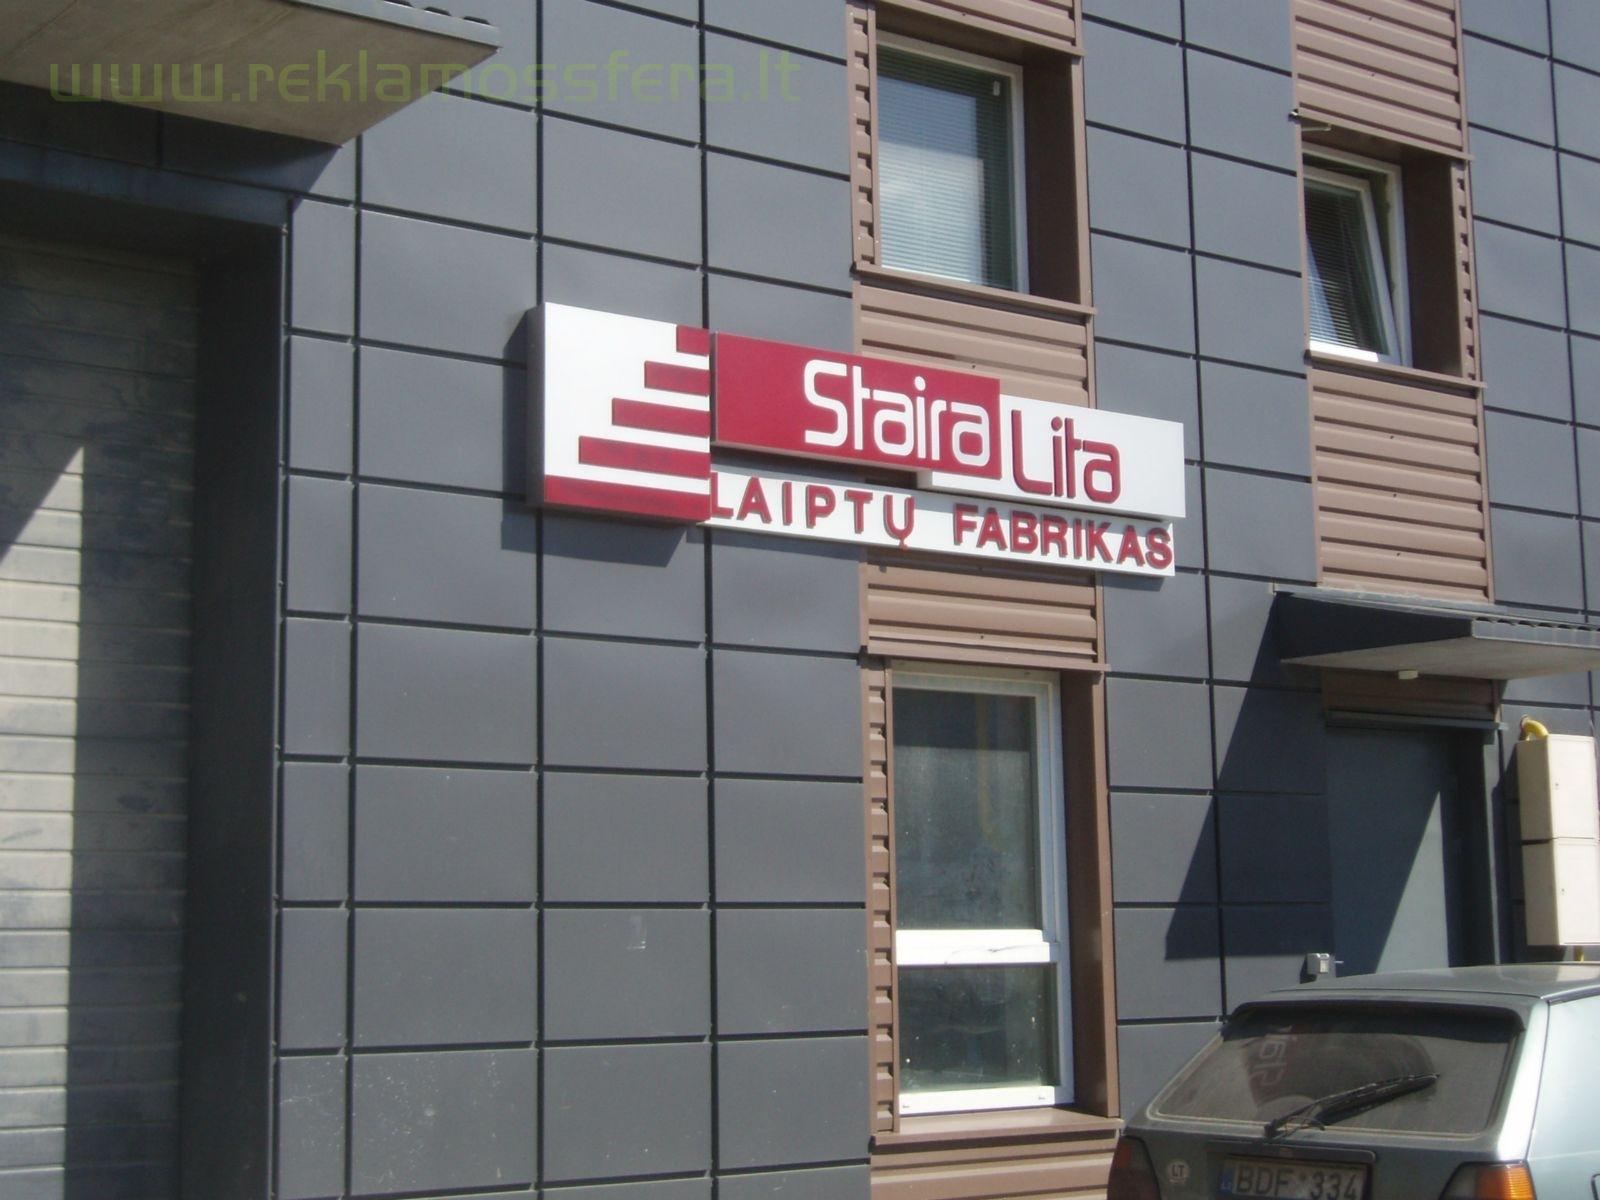 Įėjimo tūrinis šviečianti reklama, gamyba ir montavimo darbai